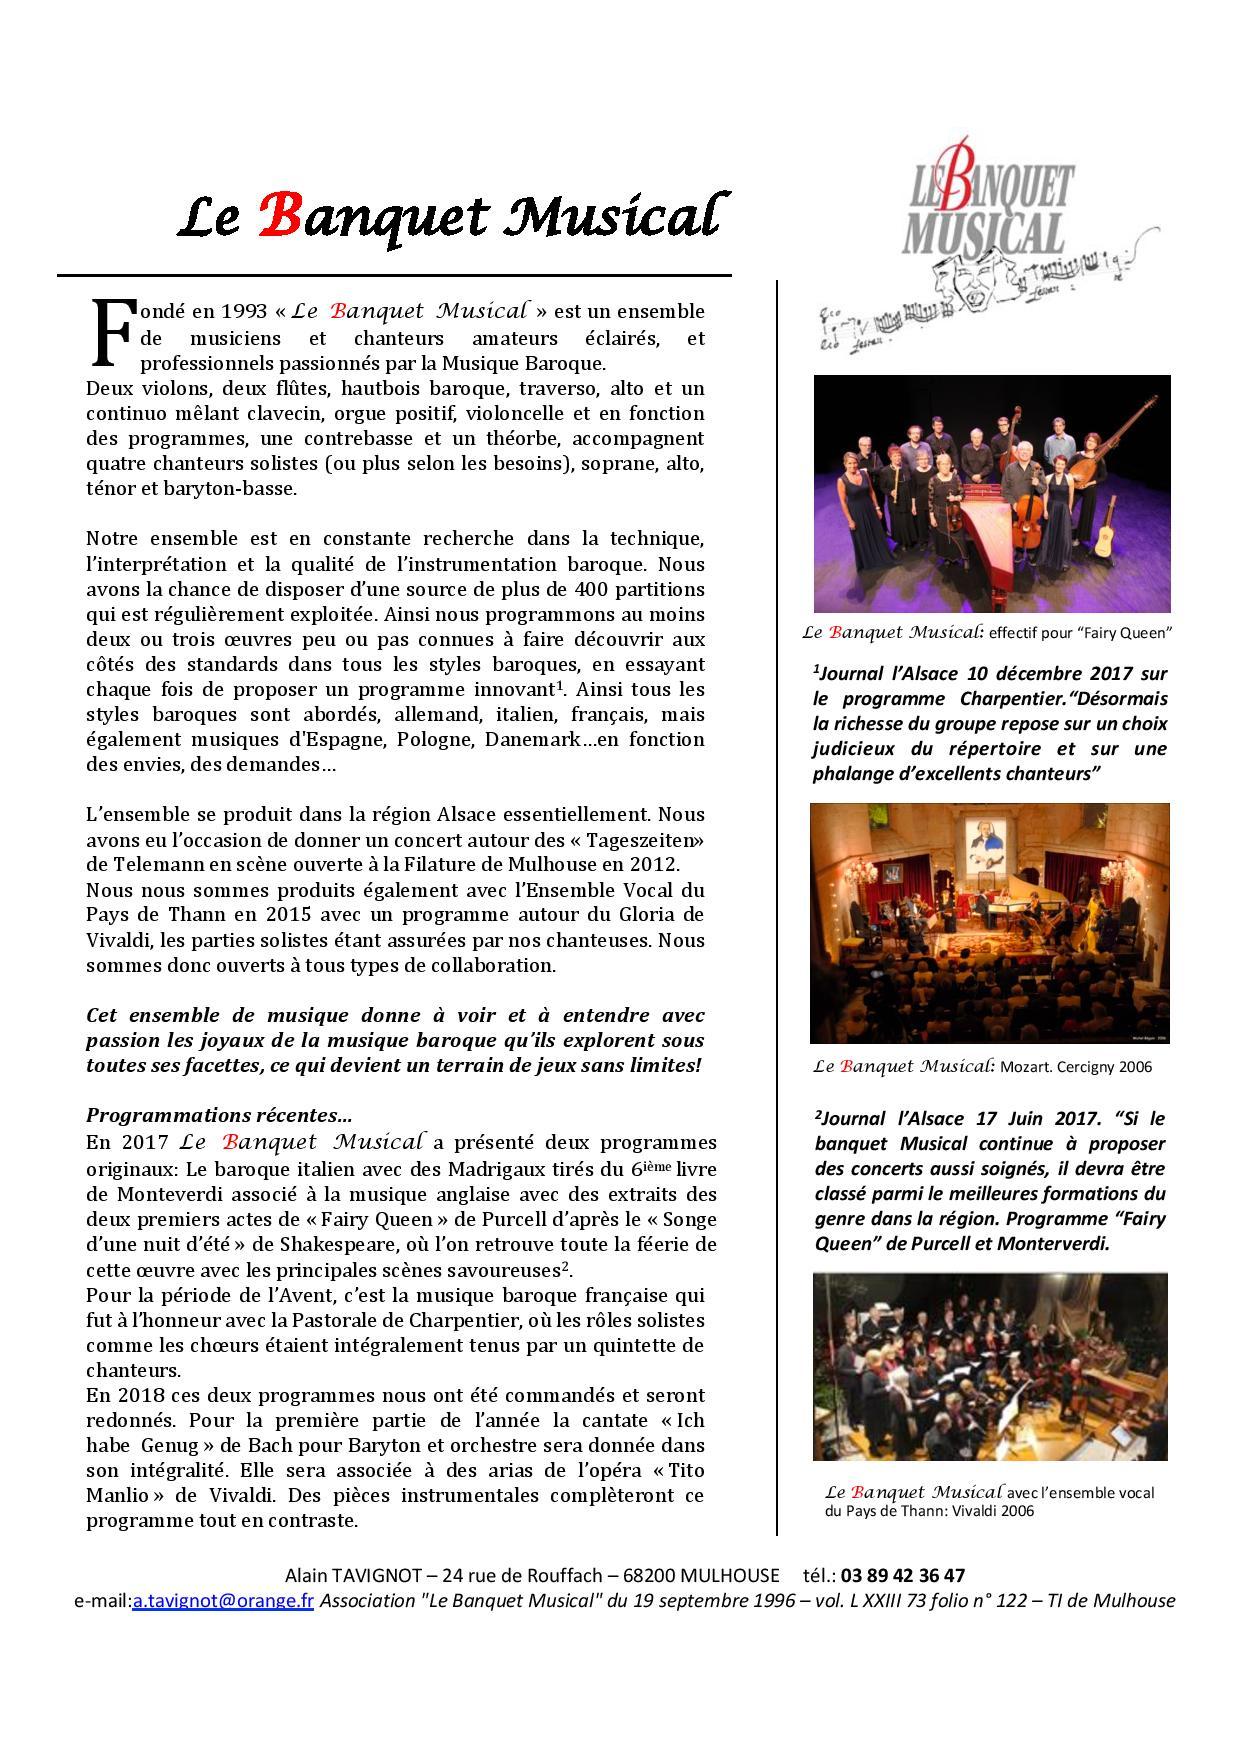 201802 LBM Plaquette-1-page-001.jpg